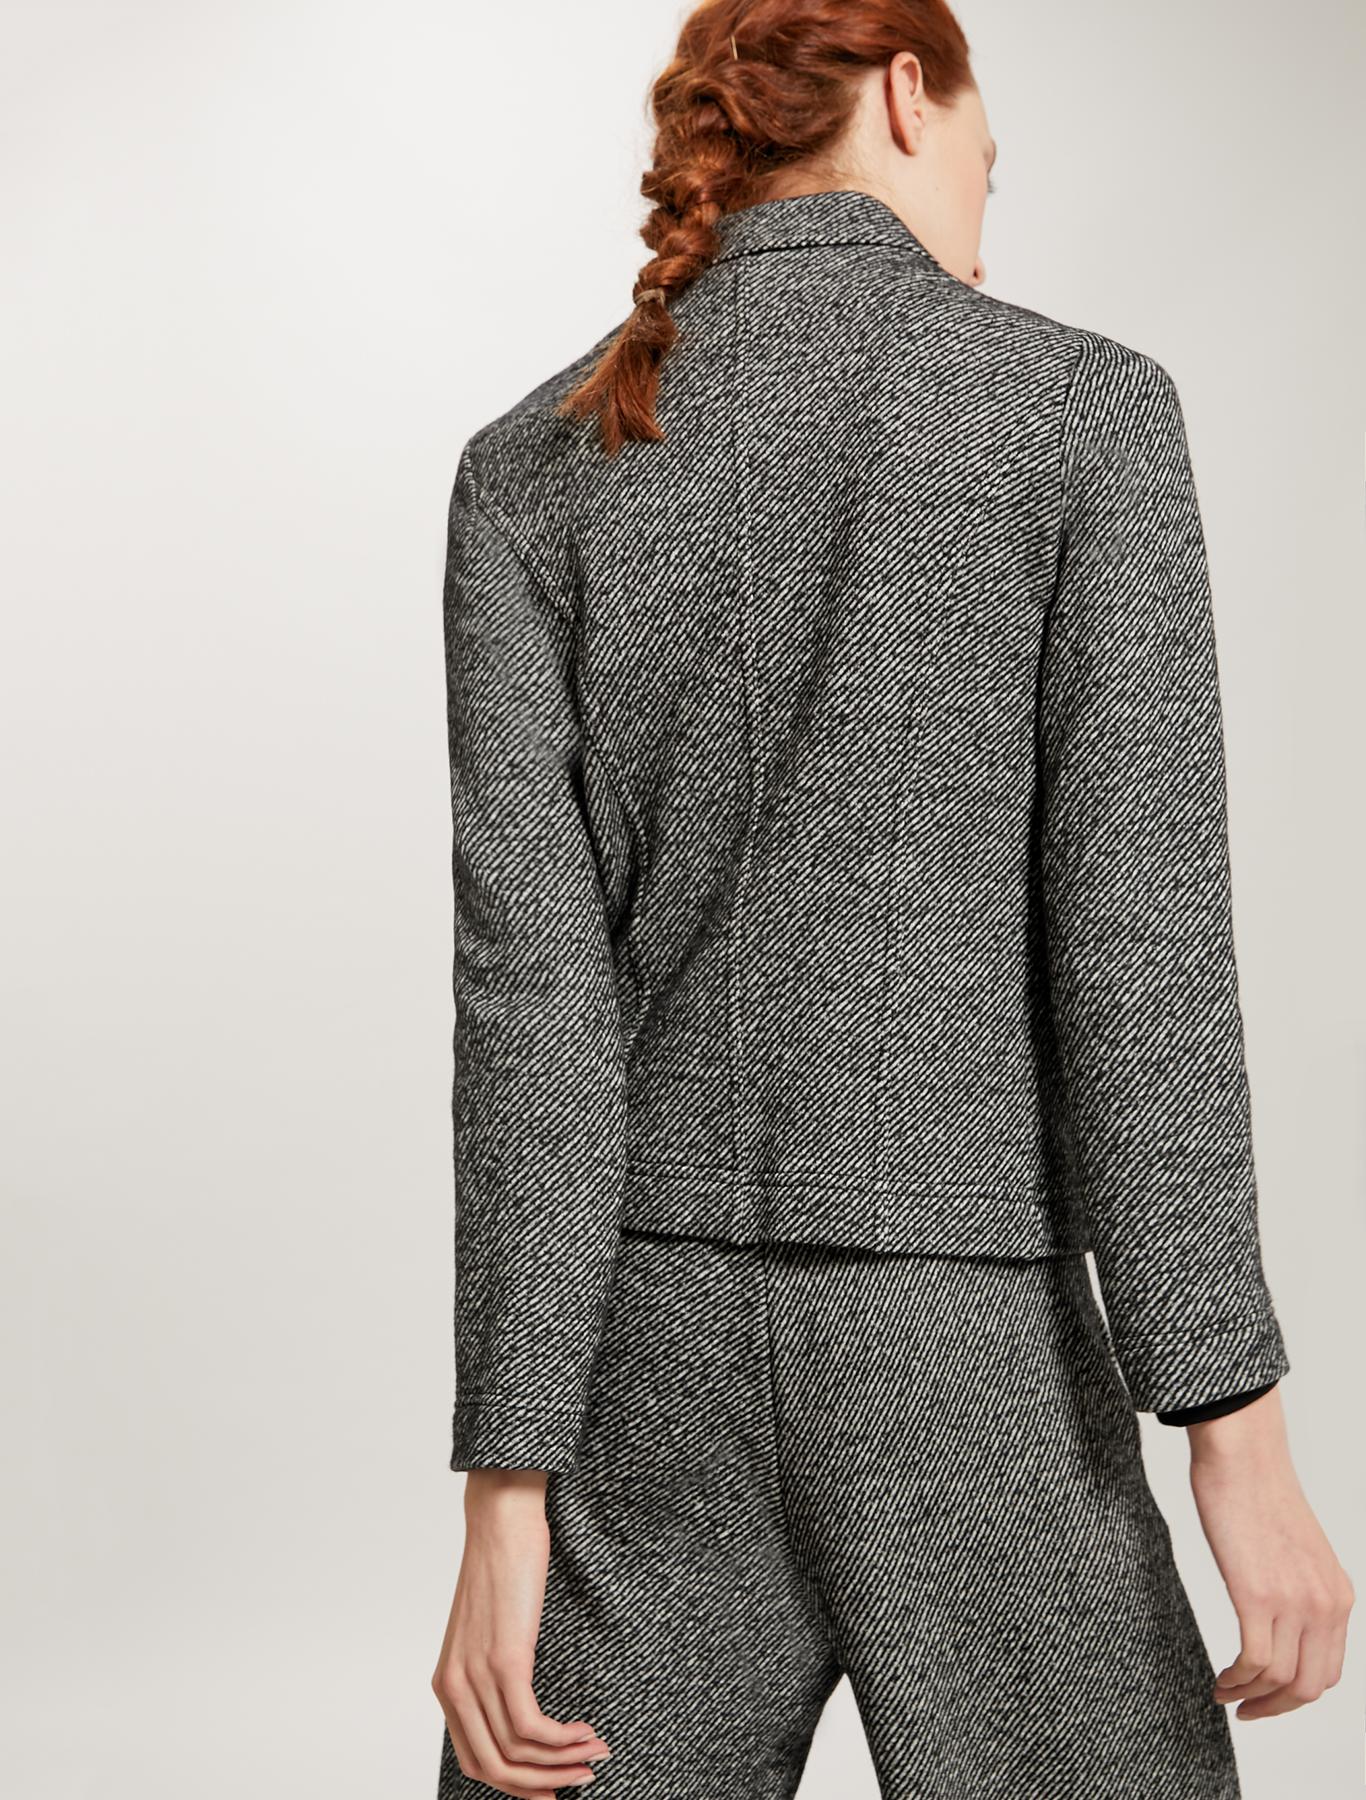 Zipped tweed jersey jacket - black pattern - pennyblack